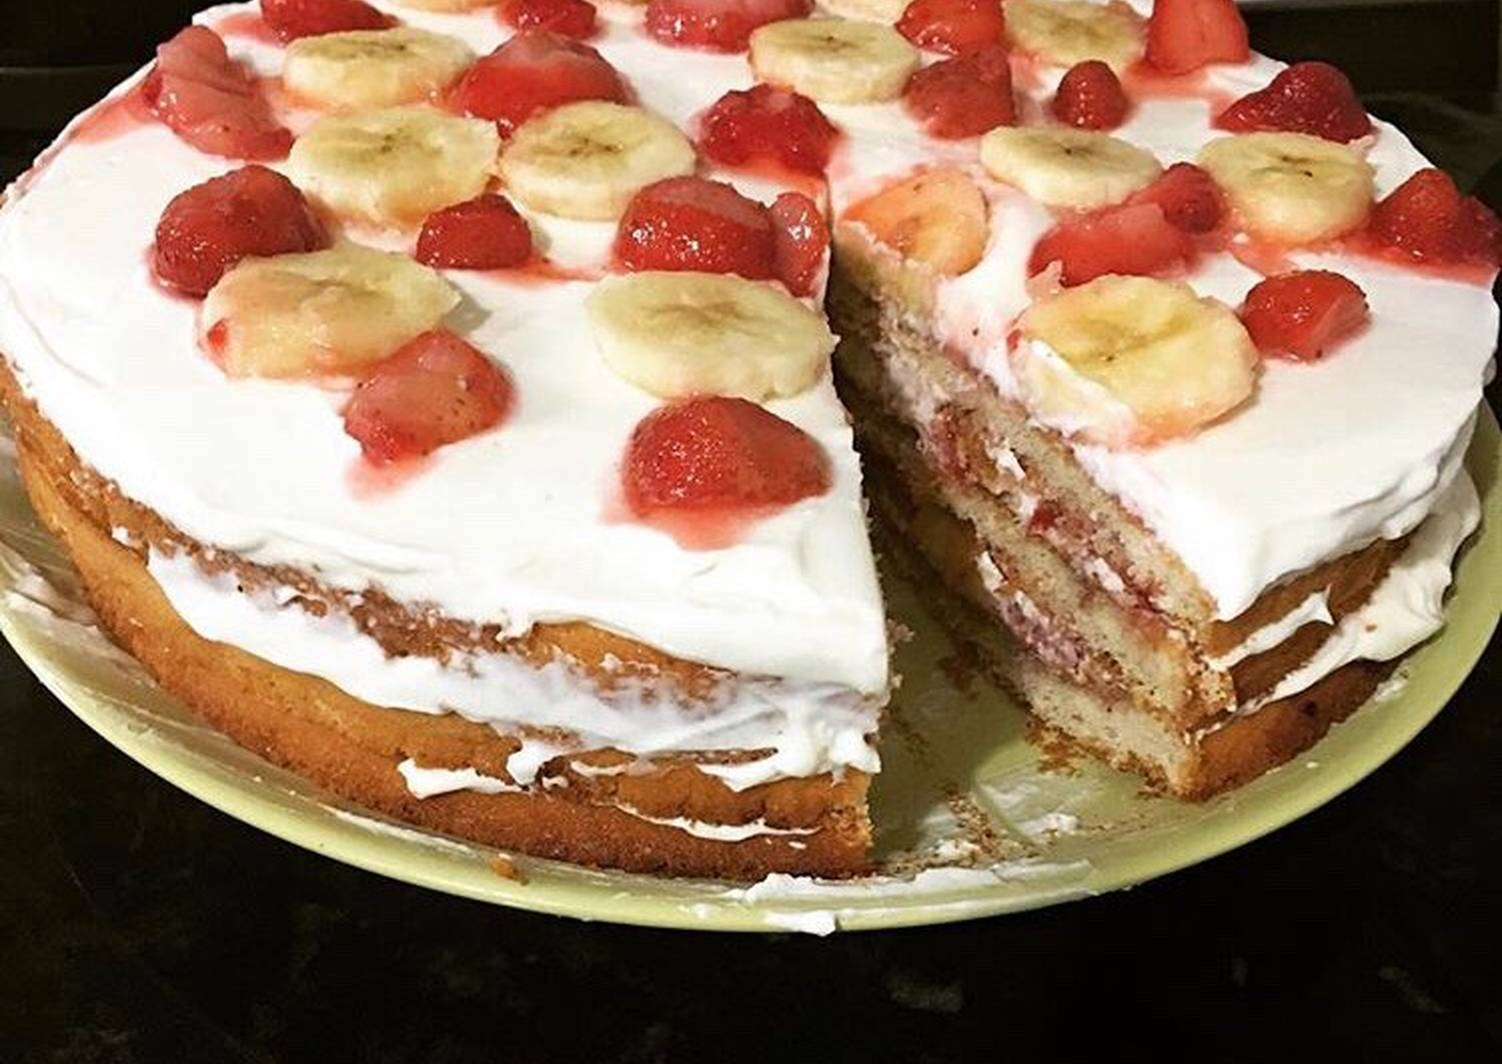 торт из маскарпоне рецепт с фото пошагово работает автофокус